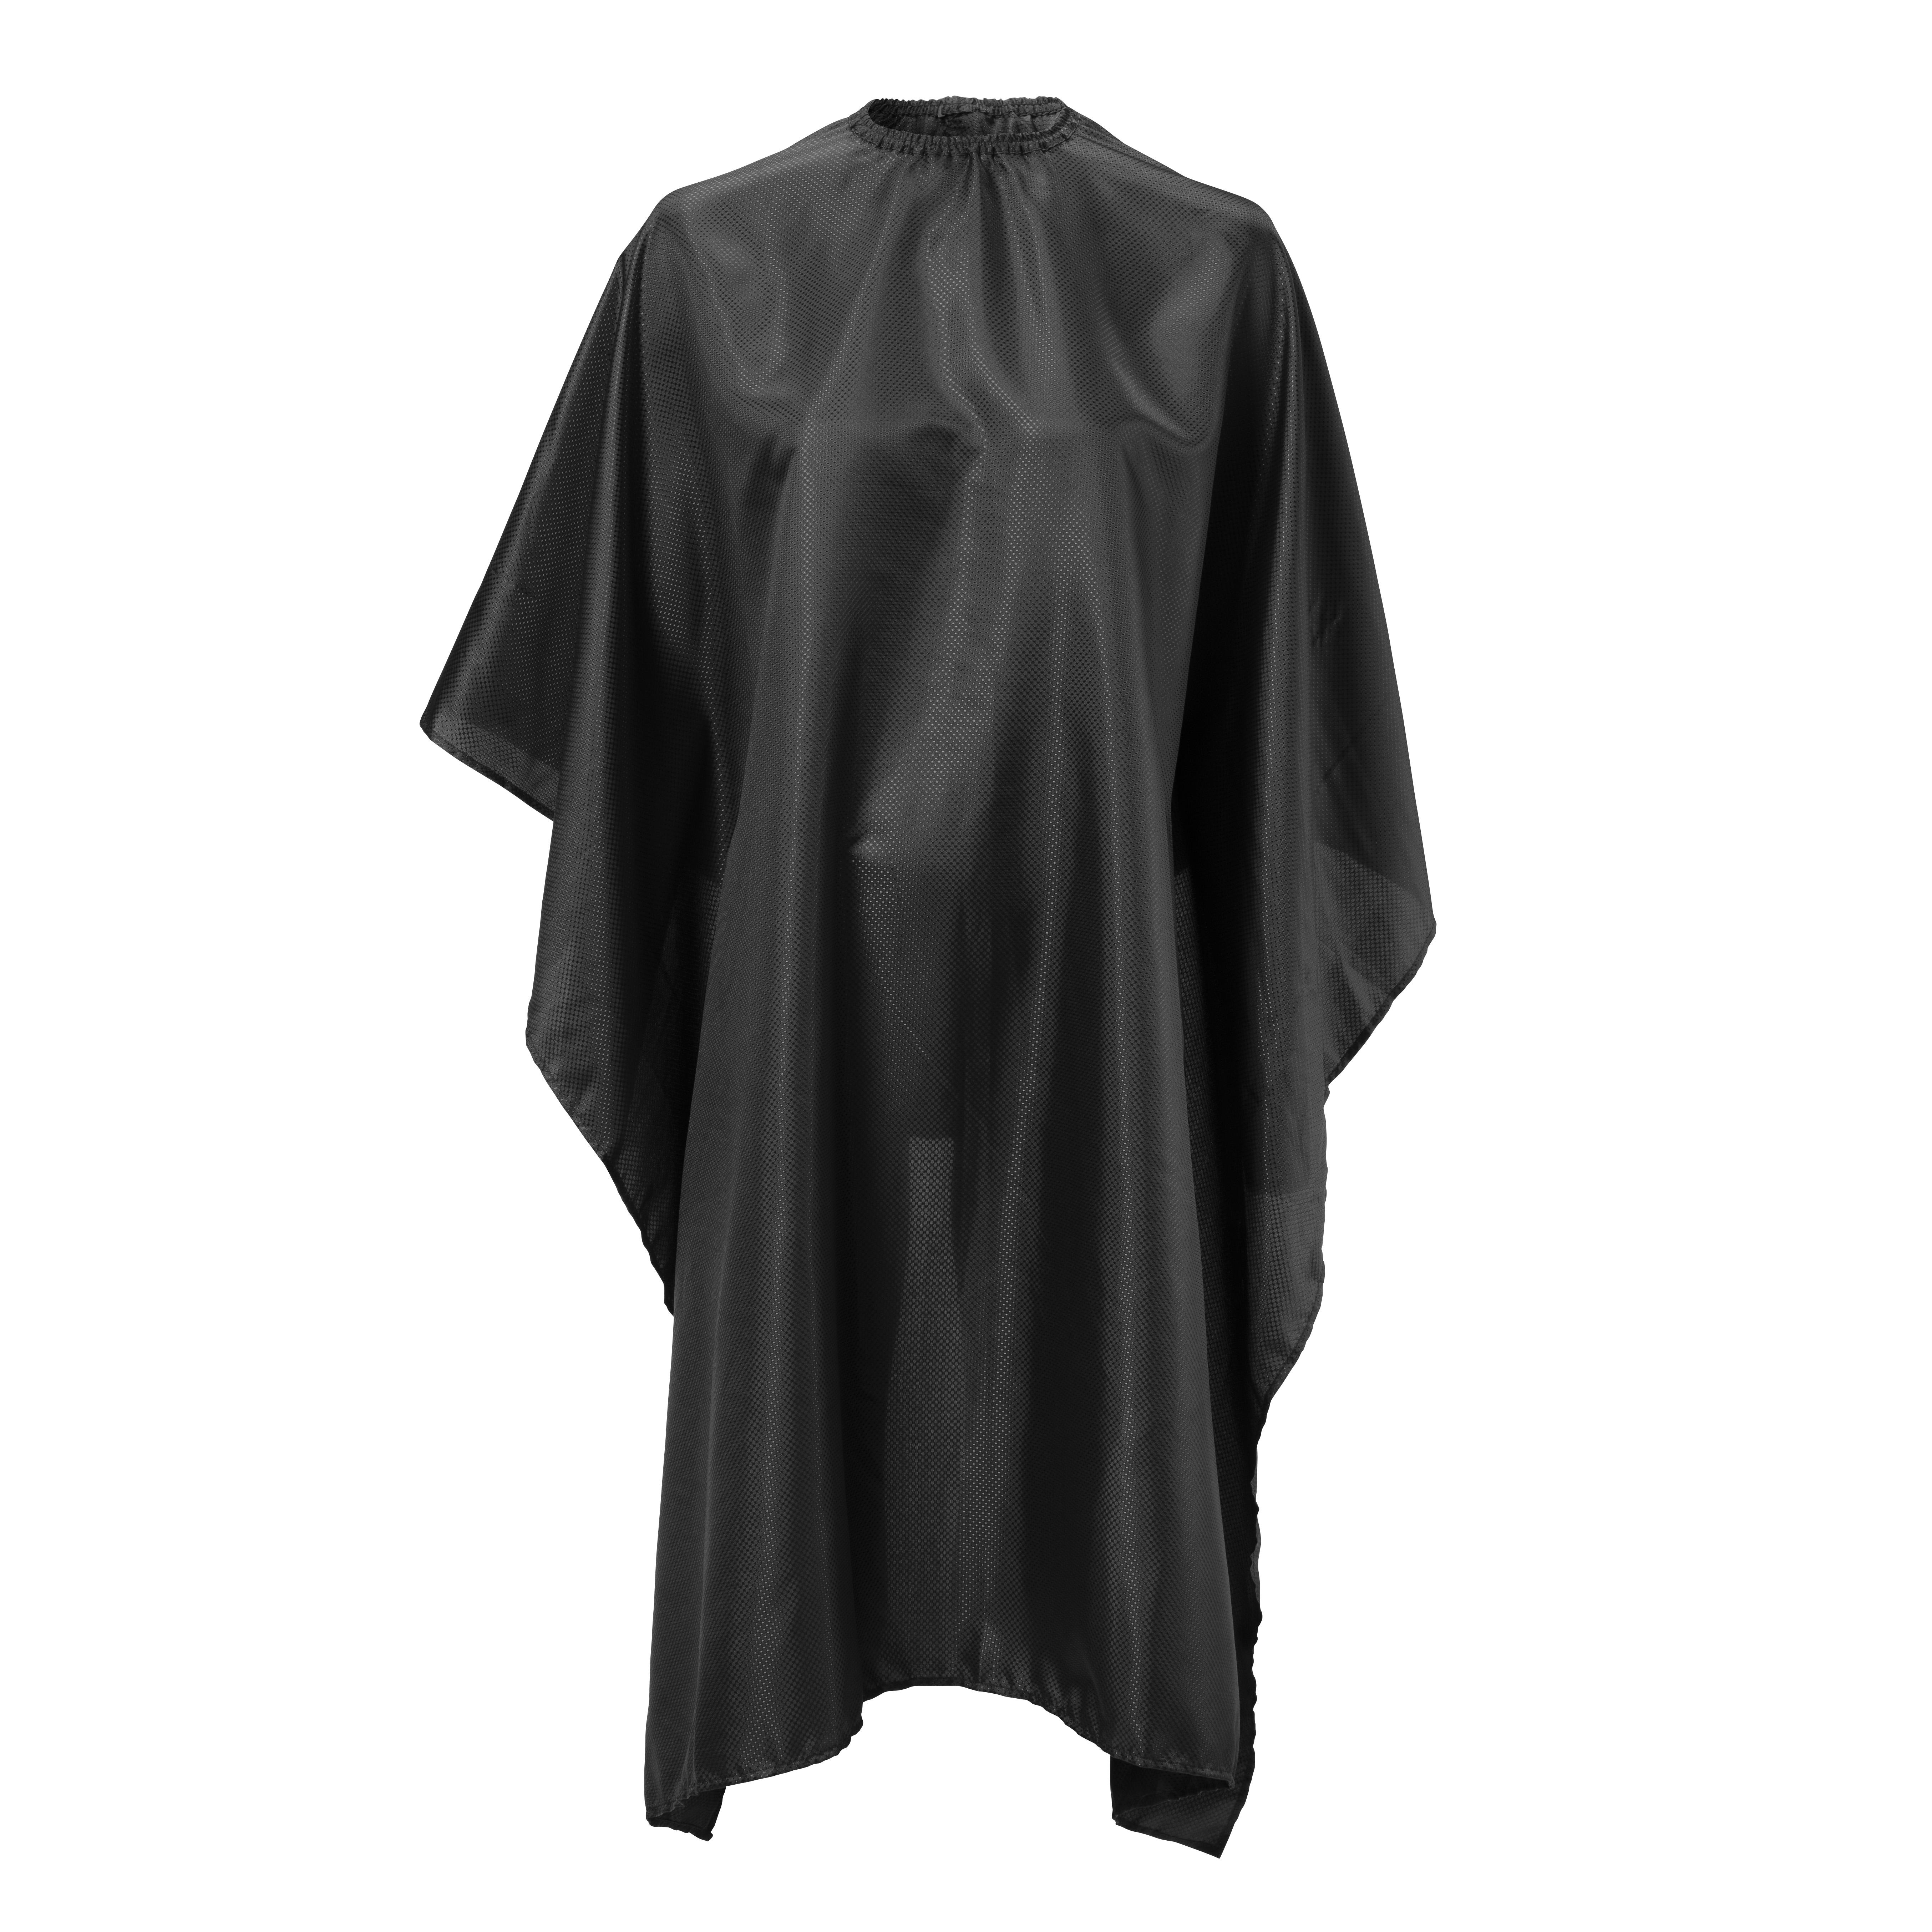 BraveHead Cutting cape black with dots 5475 - kadernícka pláštenka, na háčik